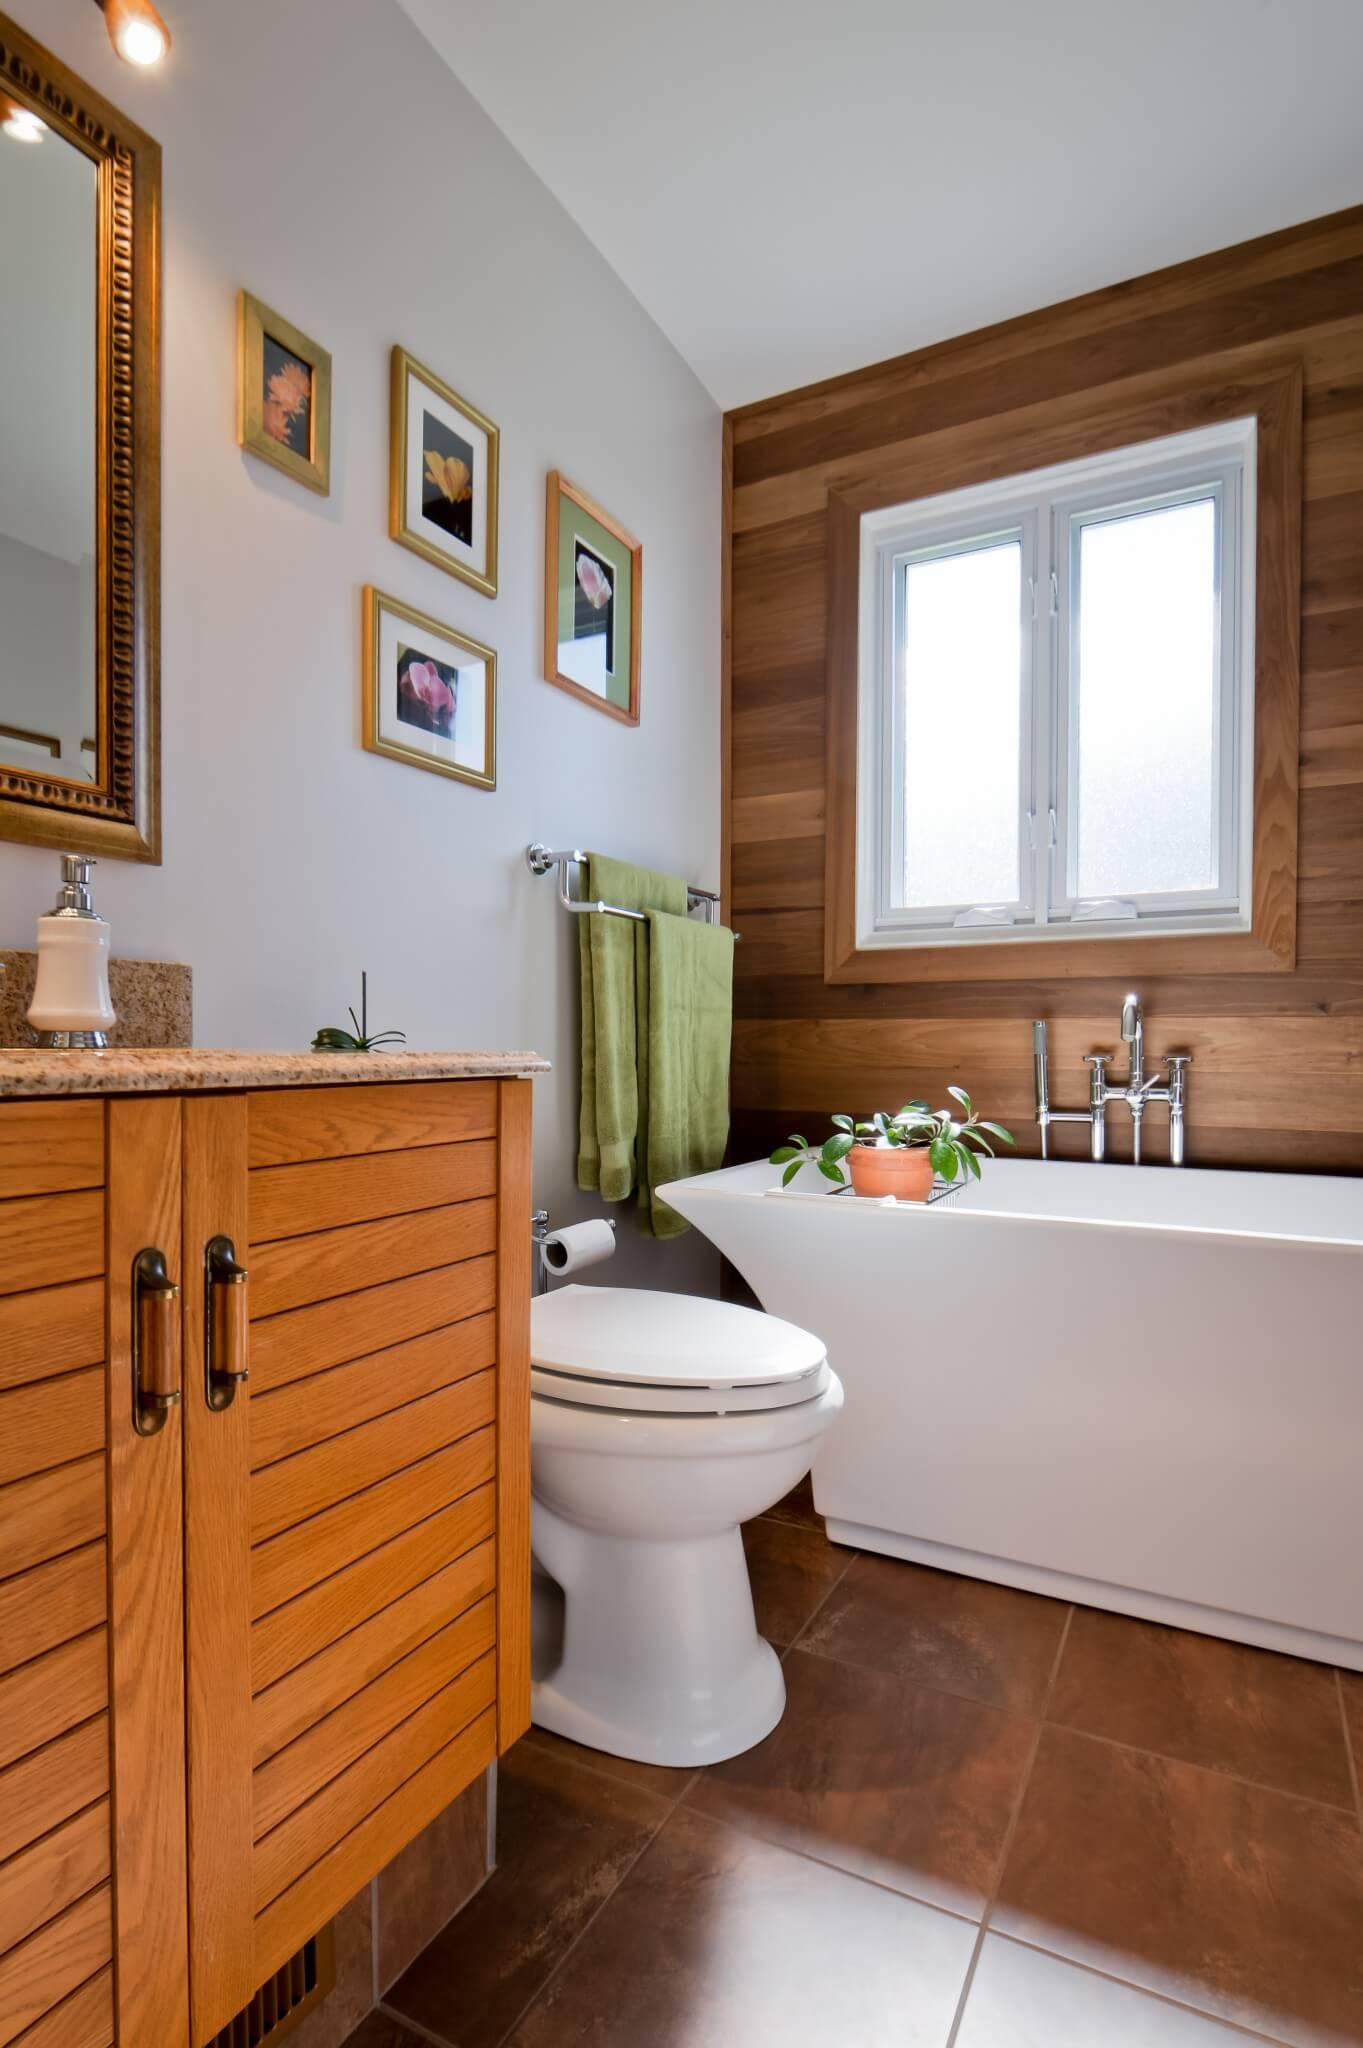 salle de bain de bois